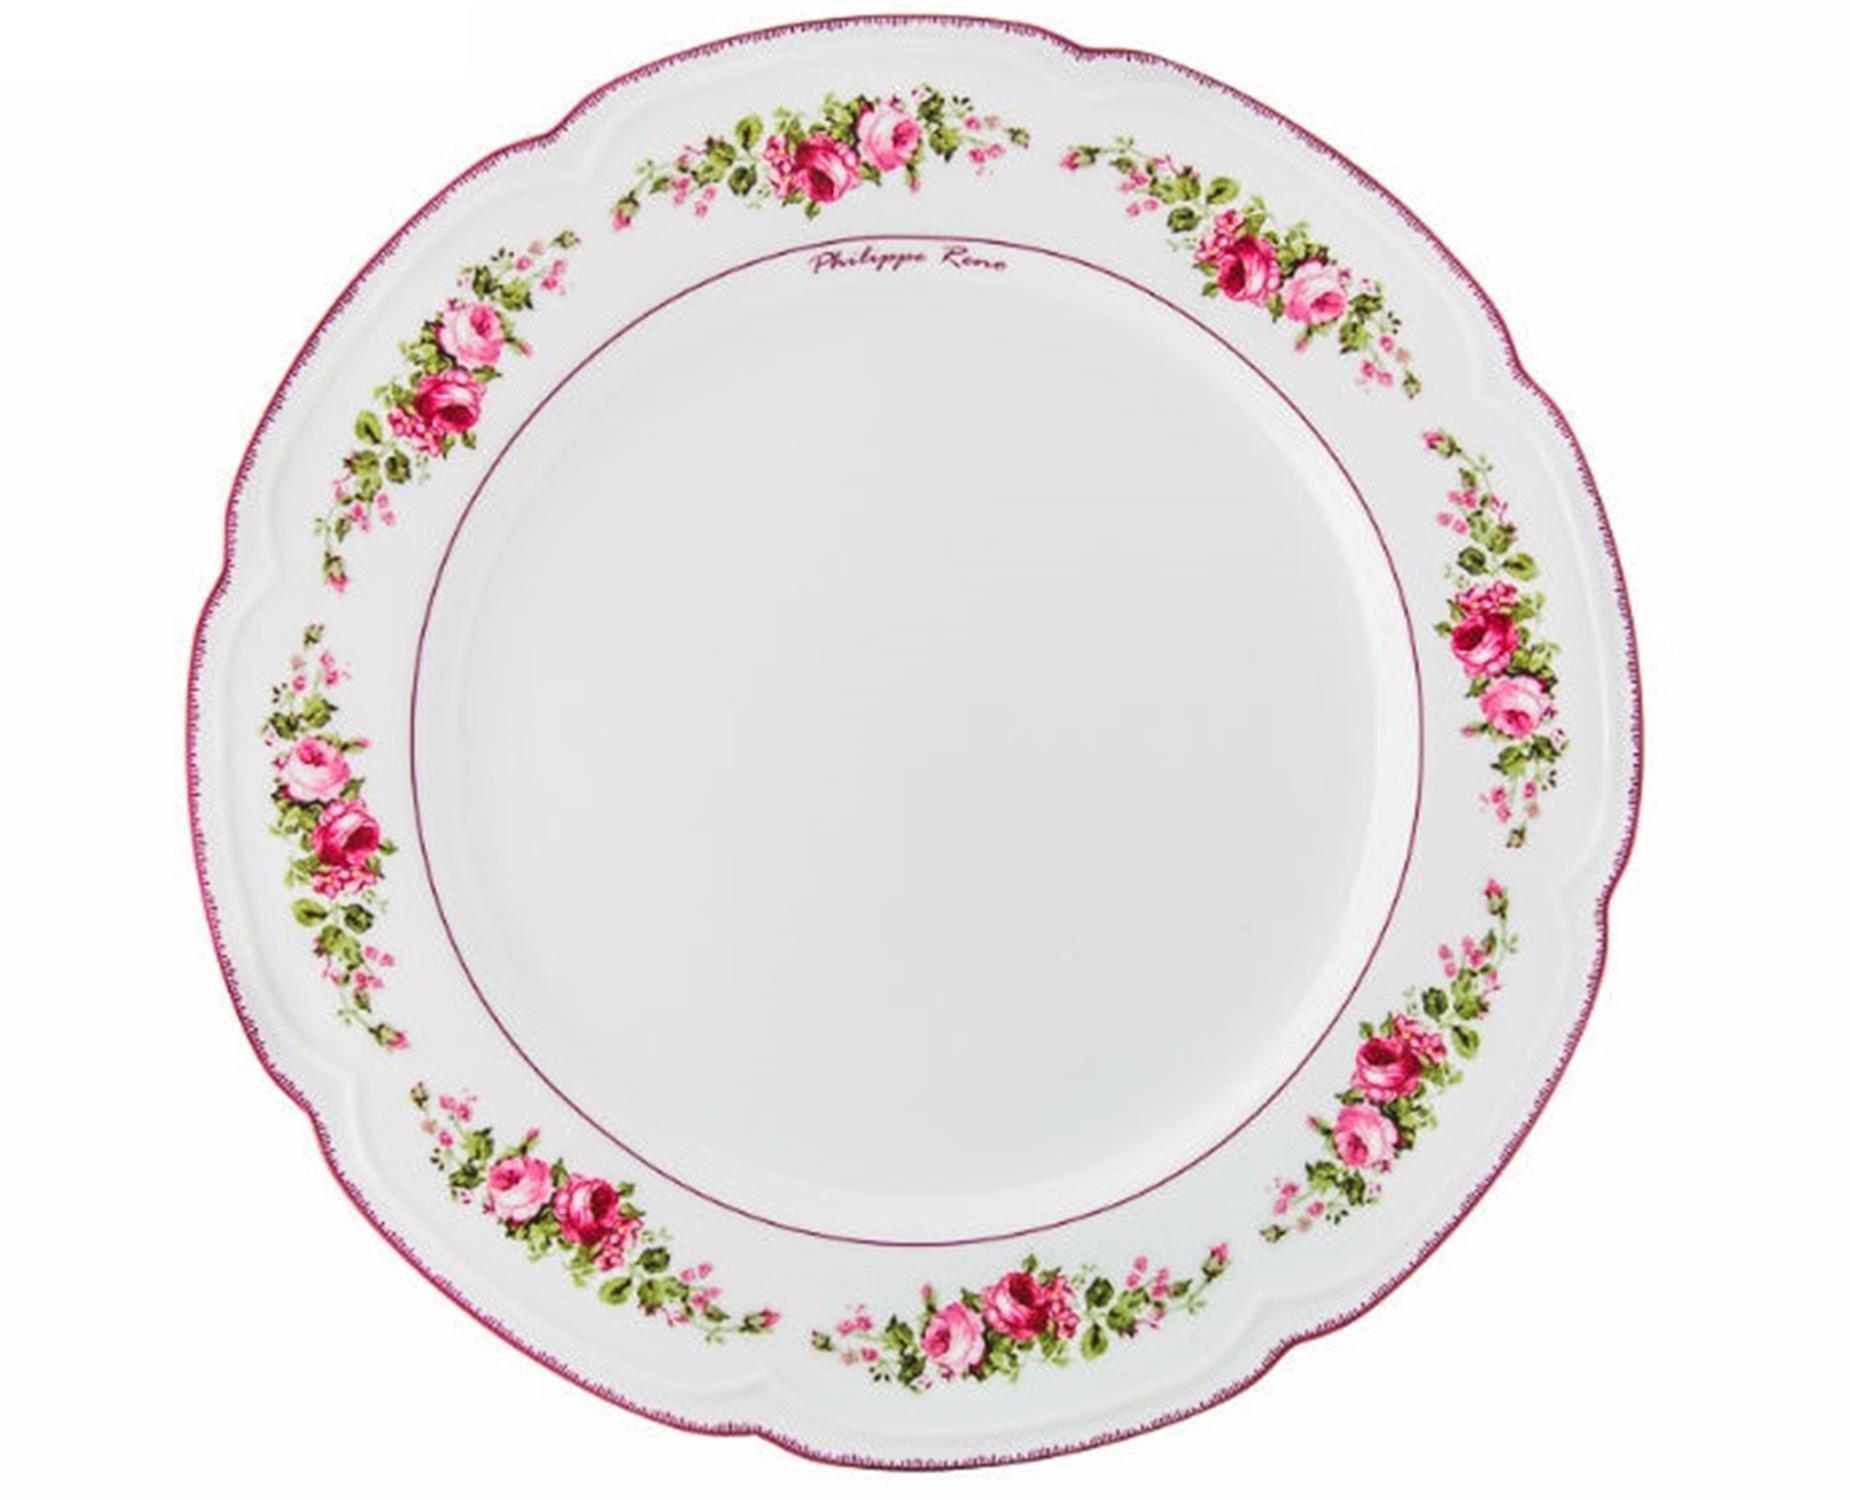 Πιάτο ρηχό Blossom πορσελάνινο φλοράλ/παστέλ ροζ Δ26cm